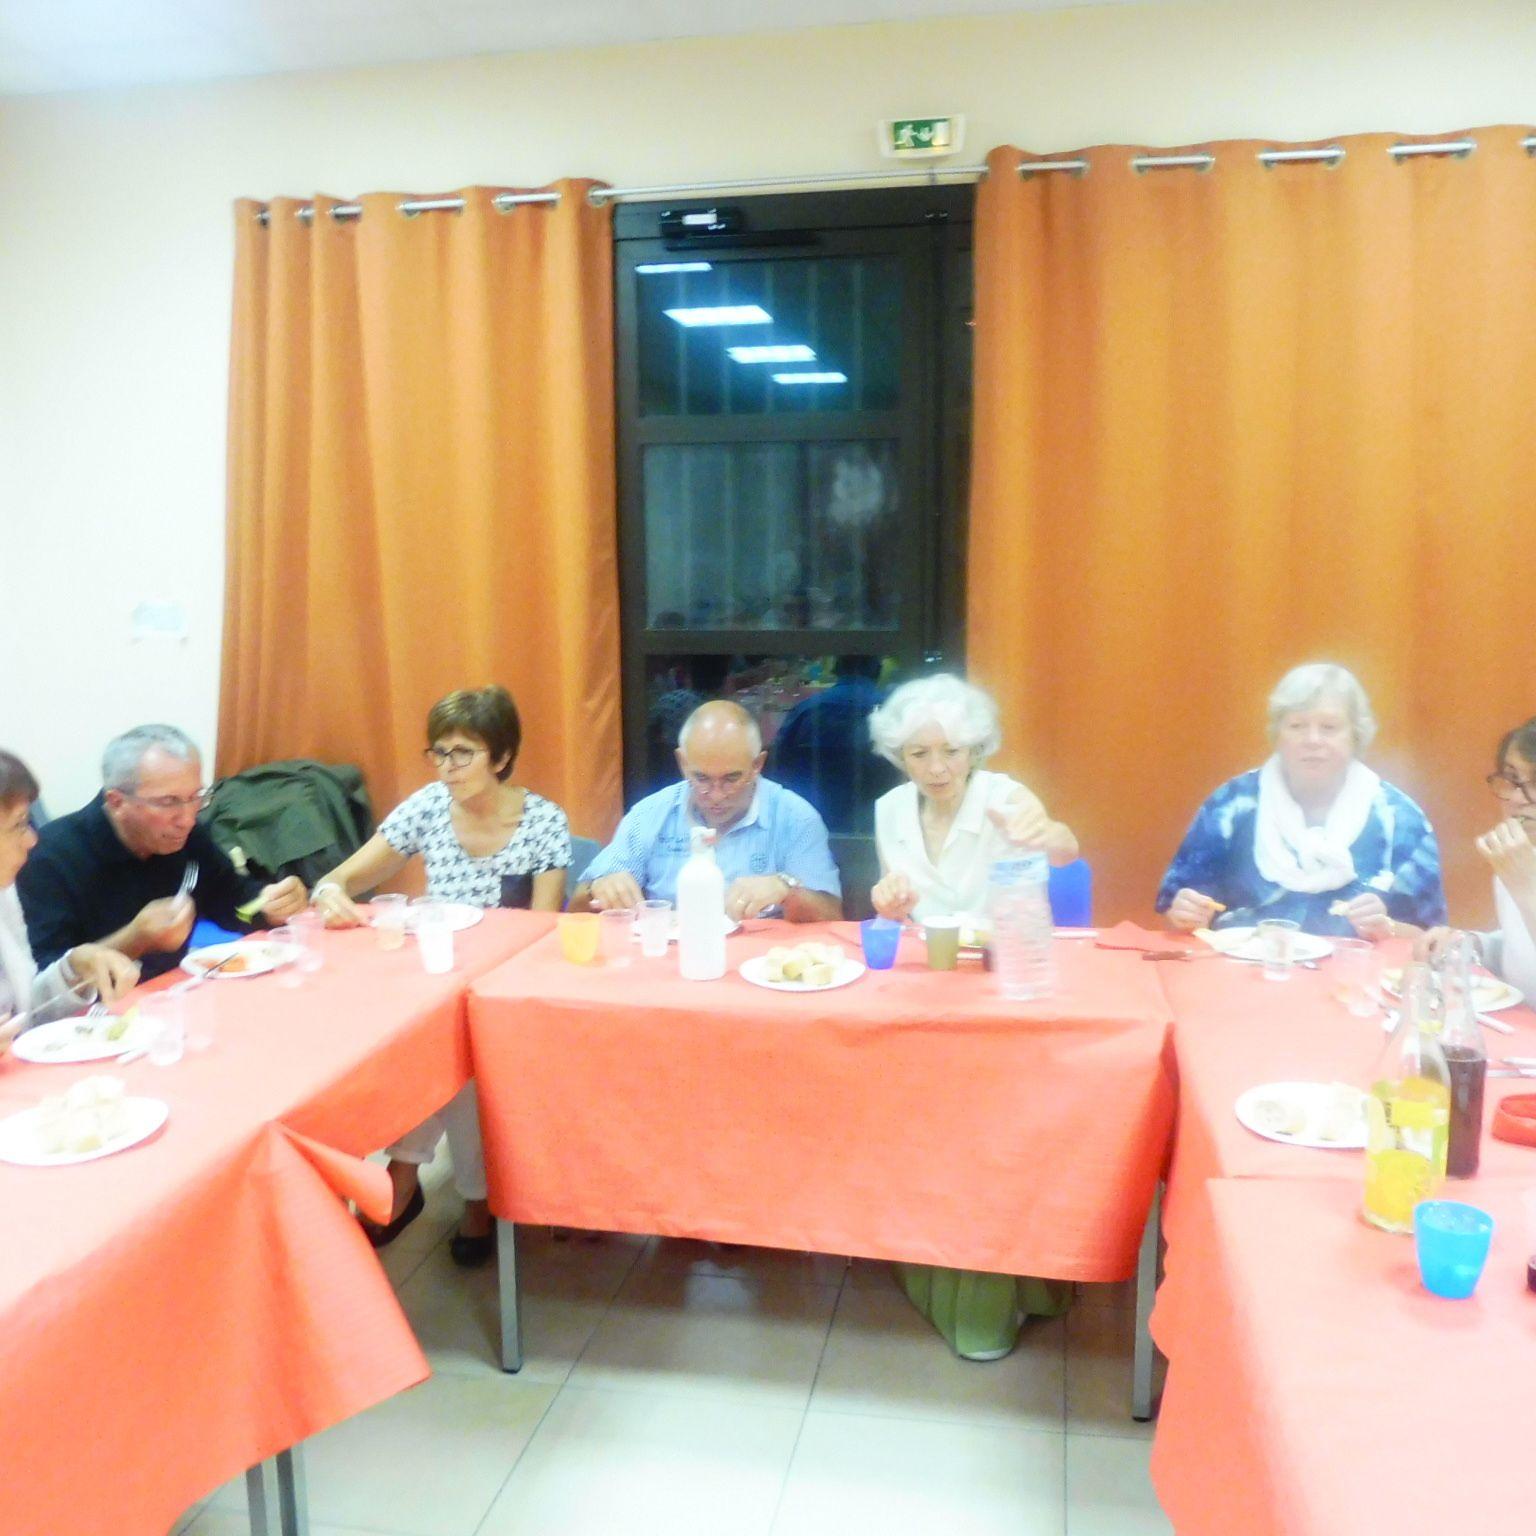 Visite d'Aix avec nos amis de Reotier